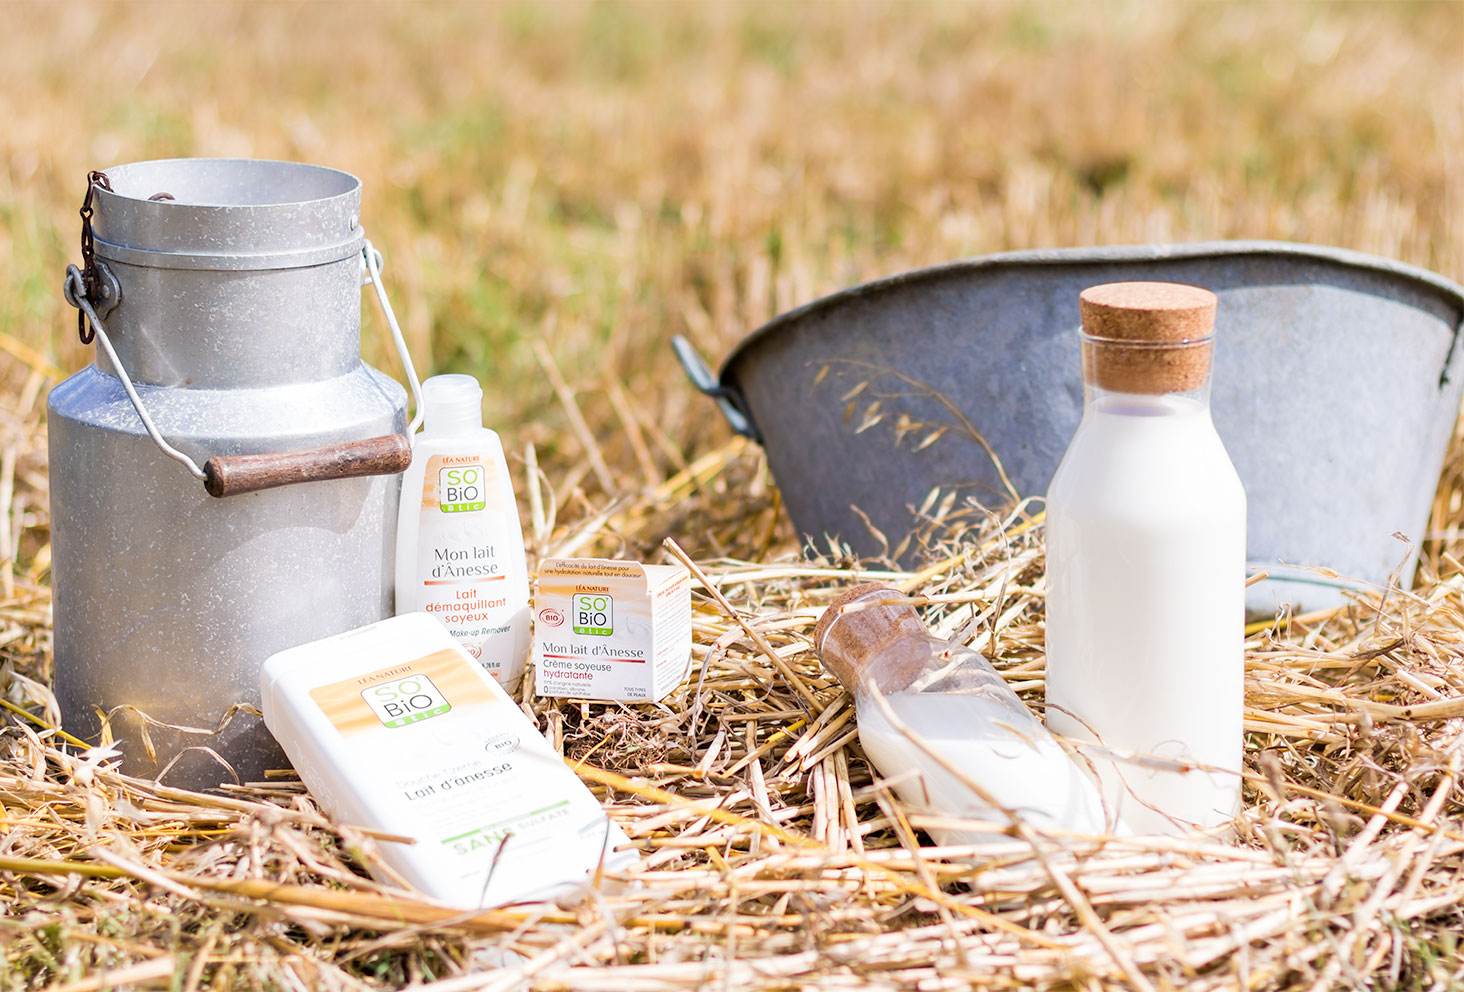 Ensemble des produits démaquillant, crème et gel douche, de la gamme Mon lait d'Ânesse de SO'BiO étic